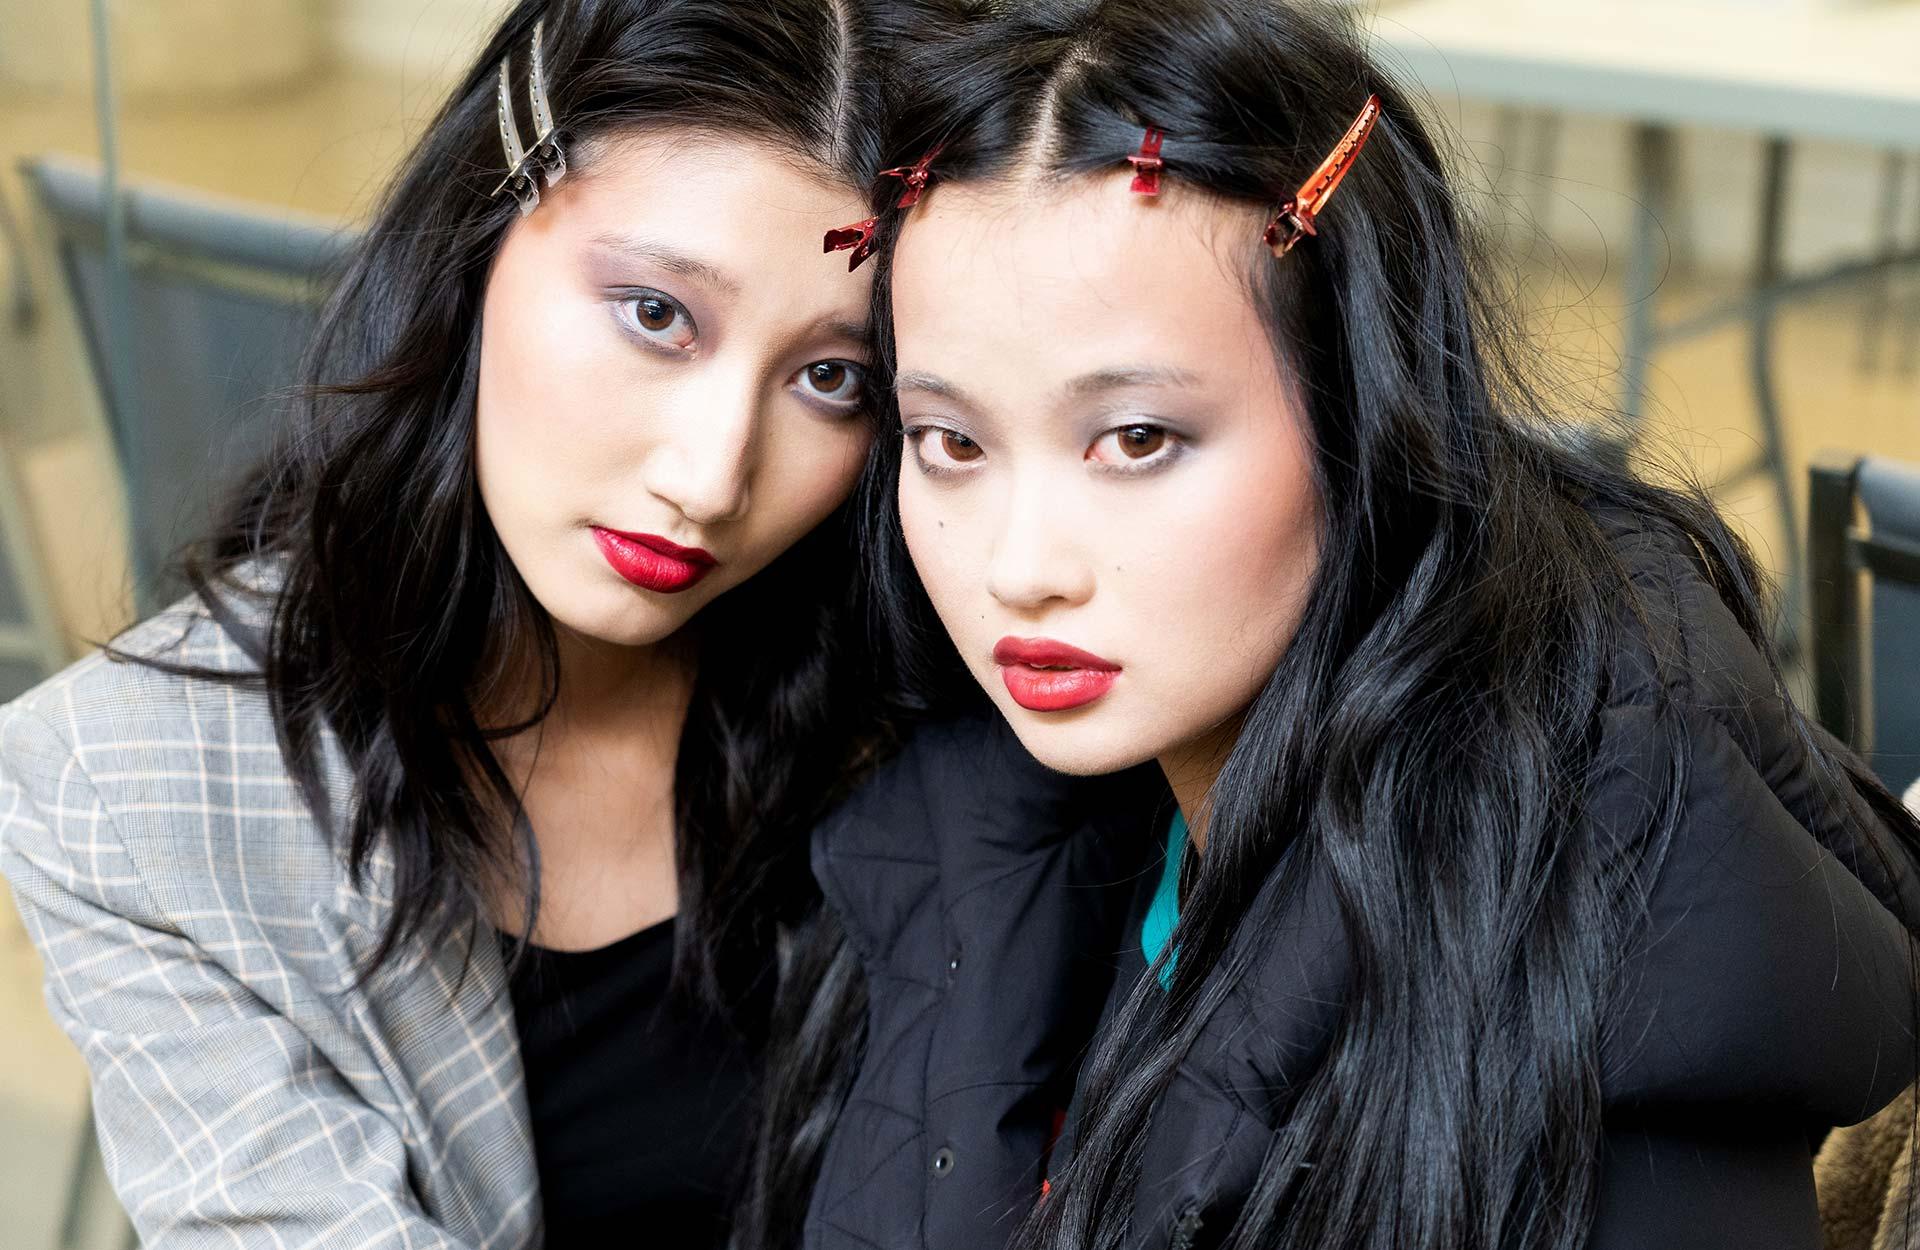 Blanche MacDonald Centre, models, grad show, makeup, makeup school